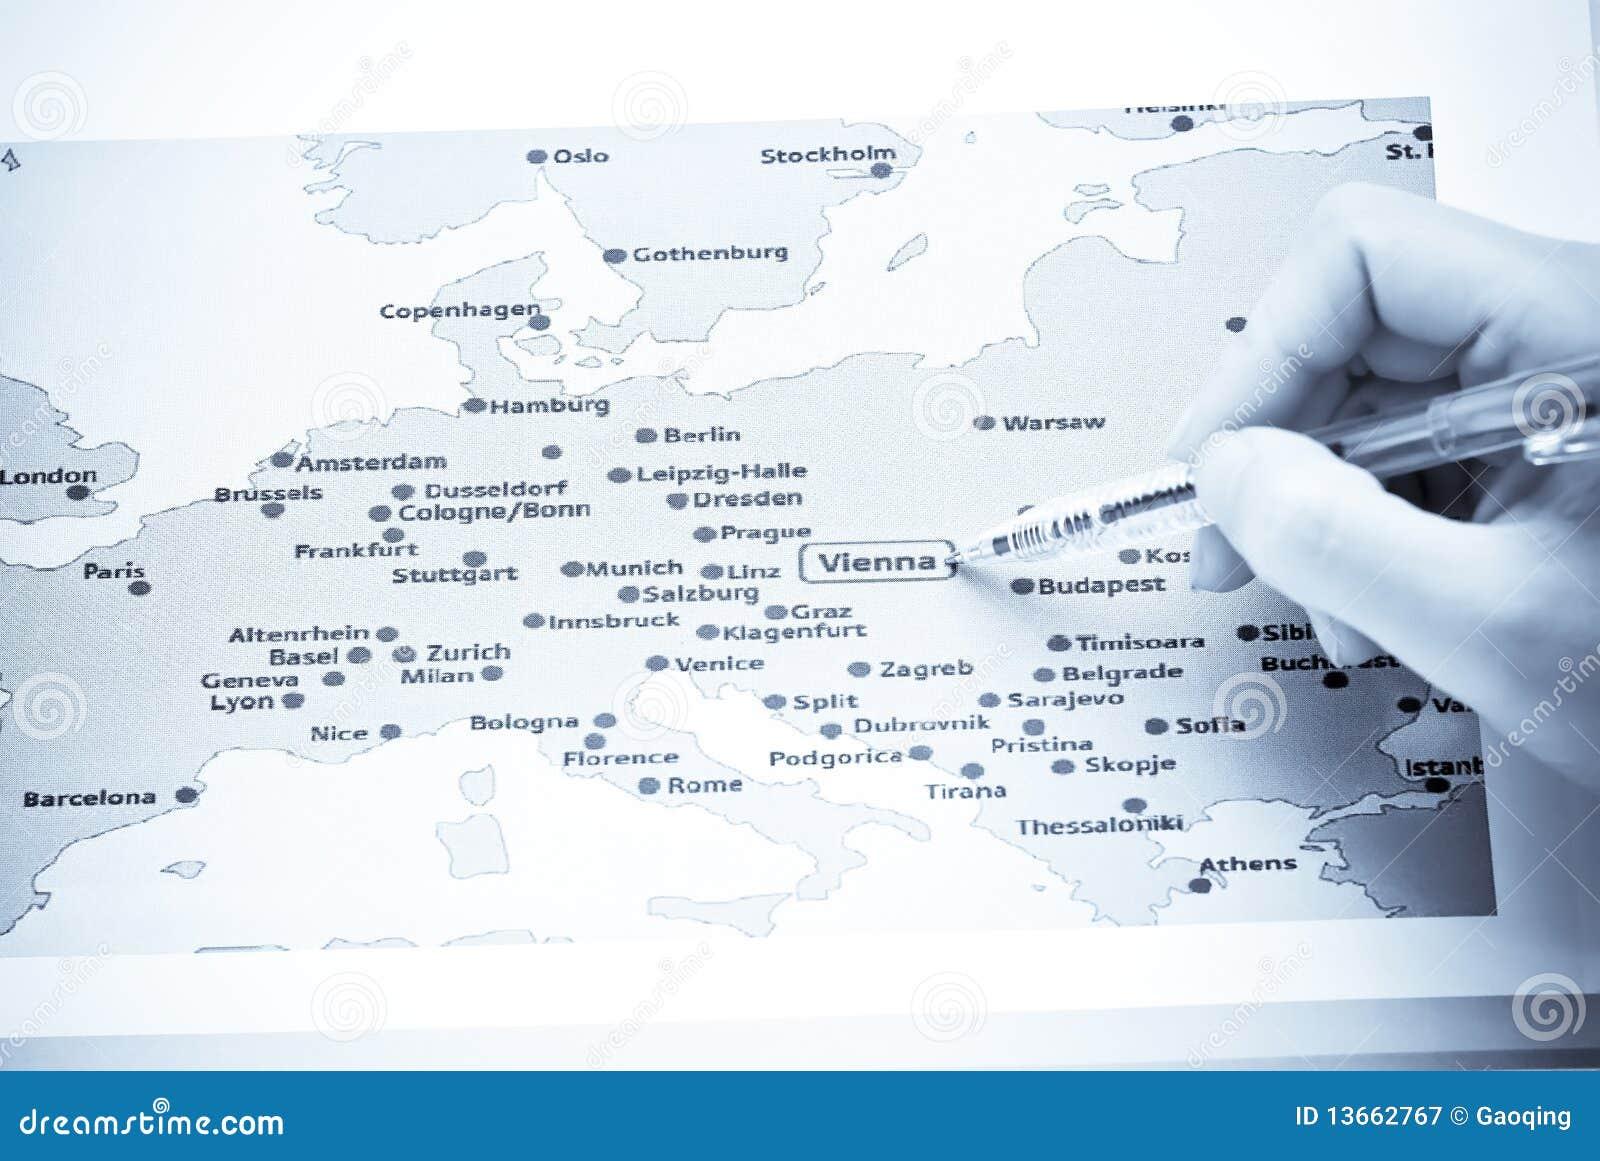 Carte Europe Vienne.Vienne Sur La Carte De L Europe Image Stock Image Du